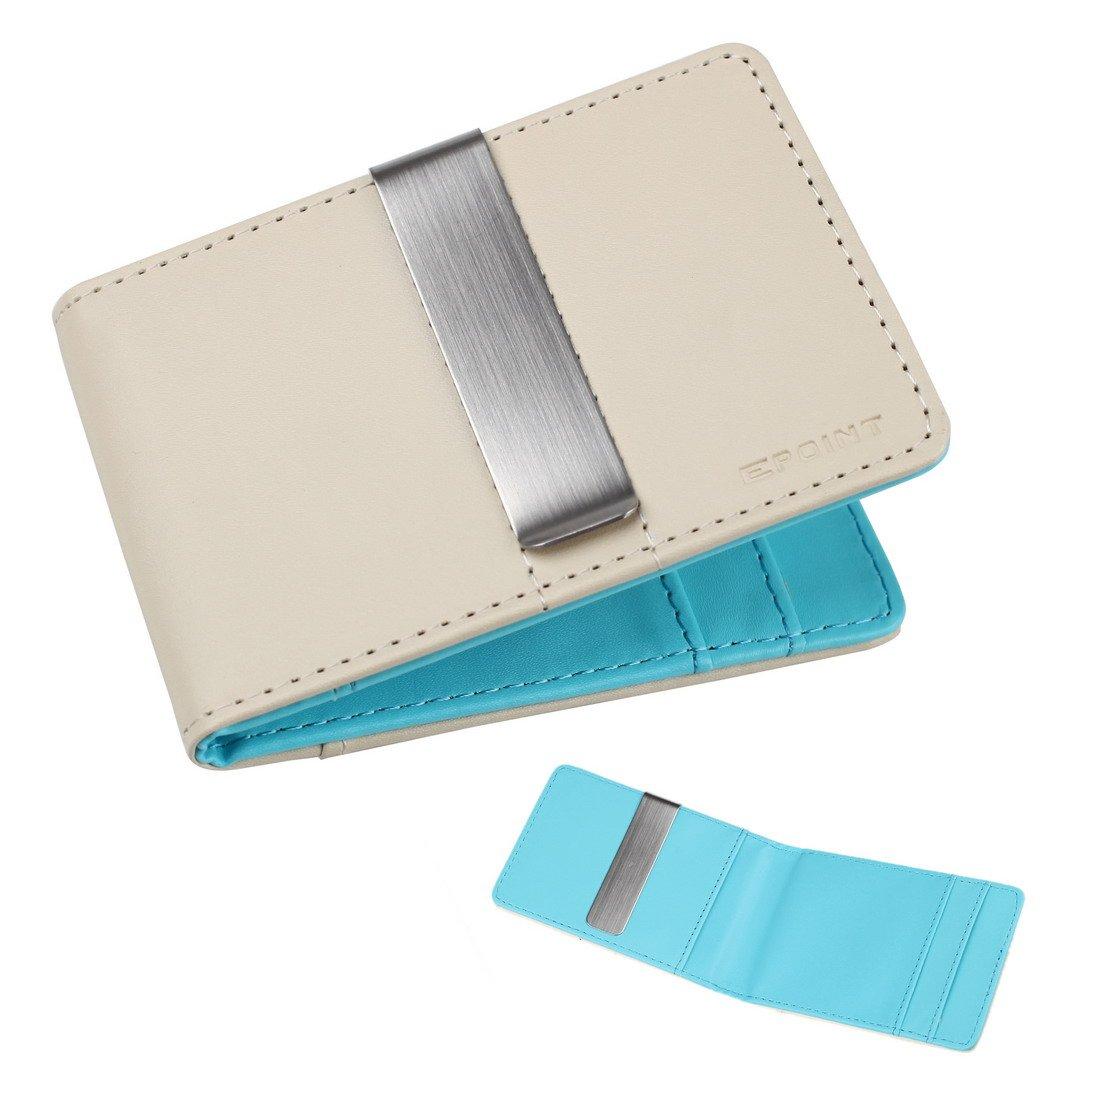 ECM08A07 Beige Blue World Wide Cartera de cuero Clip de dinero de acero inoxidable y 4 titulares de tarjeta de inspiraciš®n de moda por Epoint: Amazon.es: ...